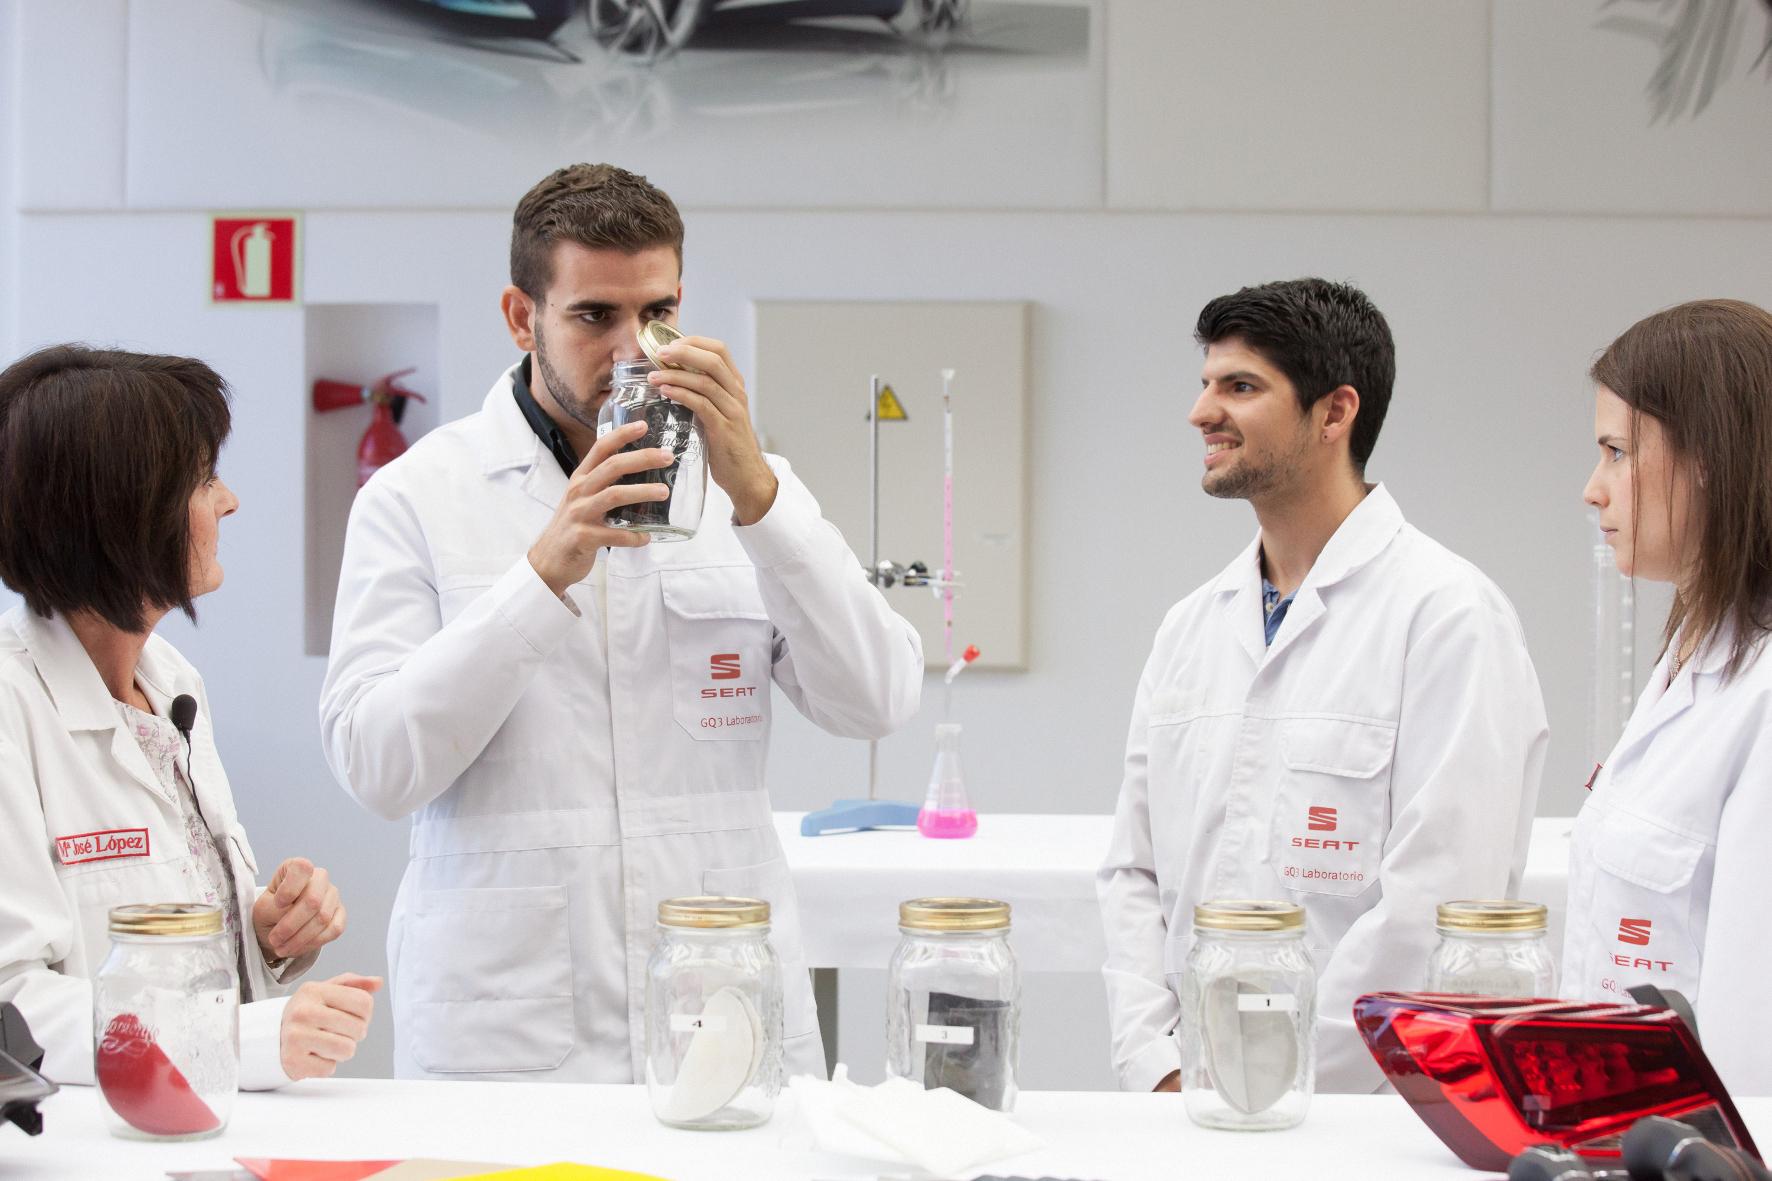 mid Groß-Gerau: Der Nasen-Faktor: Bei Seat ist ein Chemiker-Team dem perfekten Geruch für den Innenraum von Neuwagen auf der Spur.